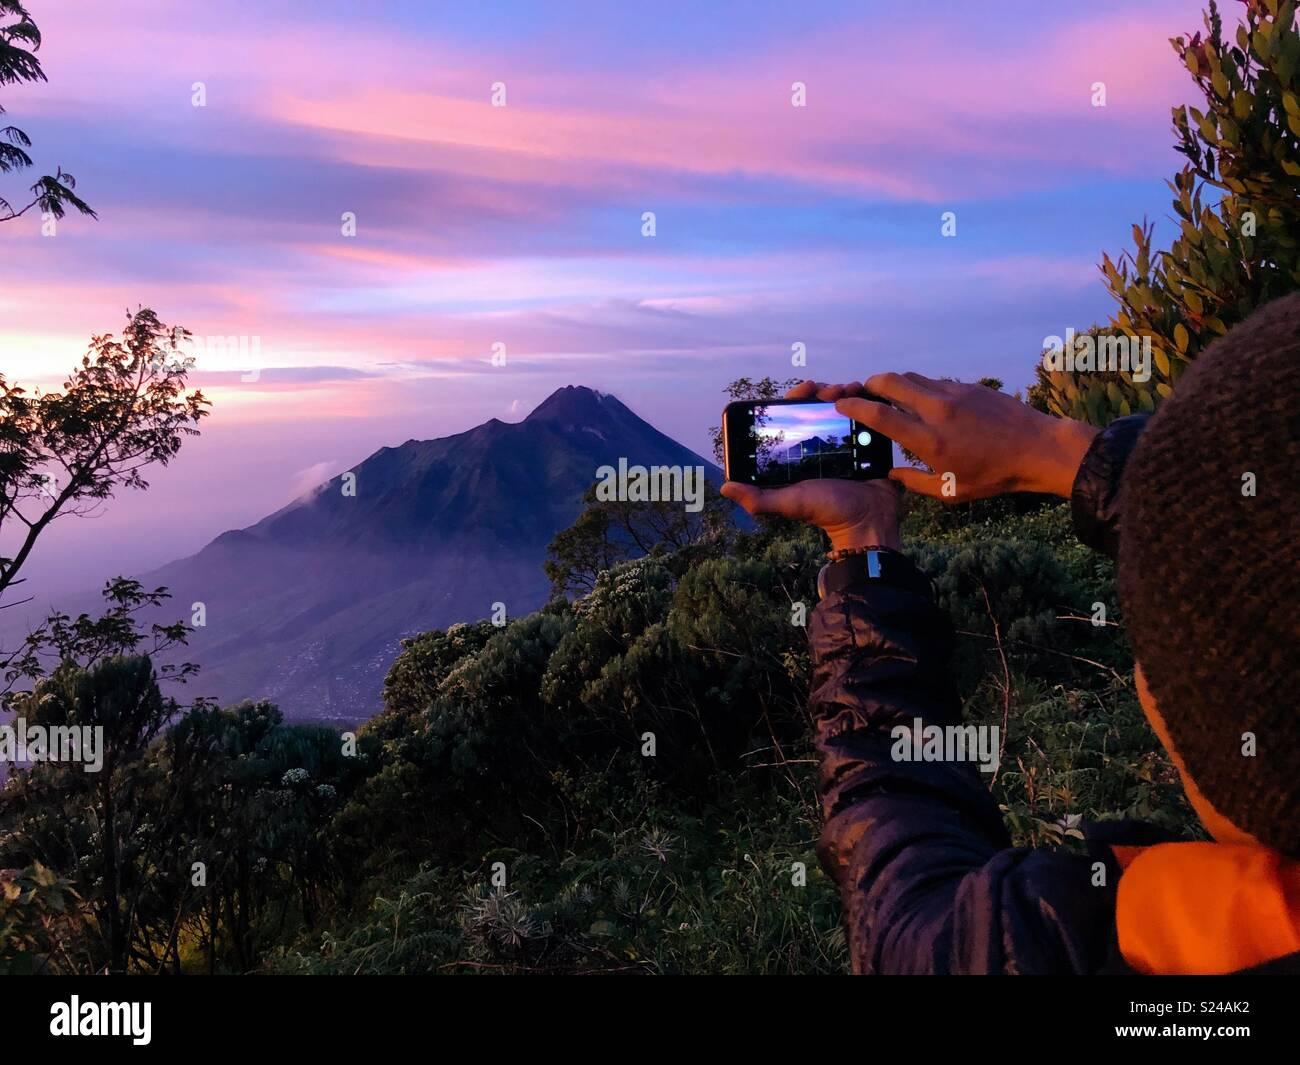 Framing Mount Merapi from Mount Merbabu - Stock Image